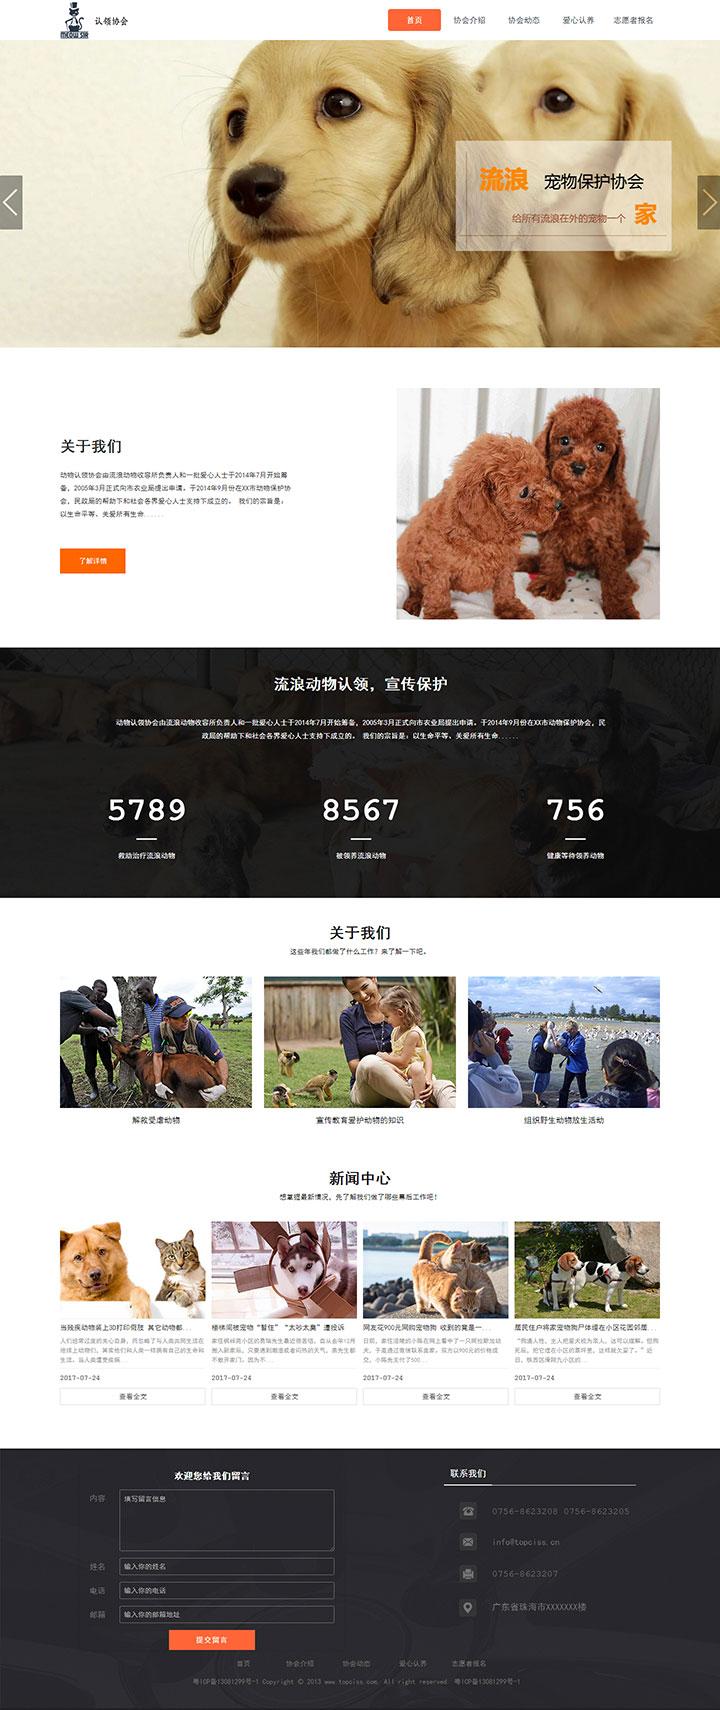 流浪动物保护协会